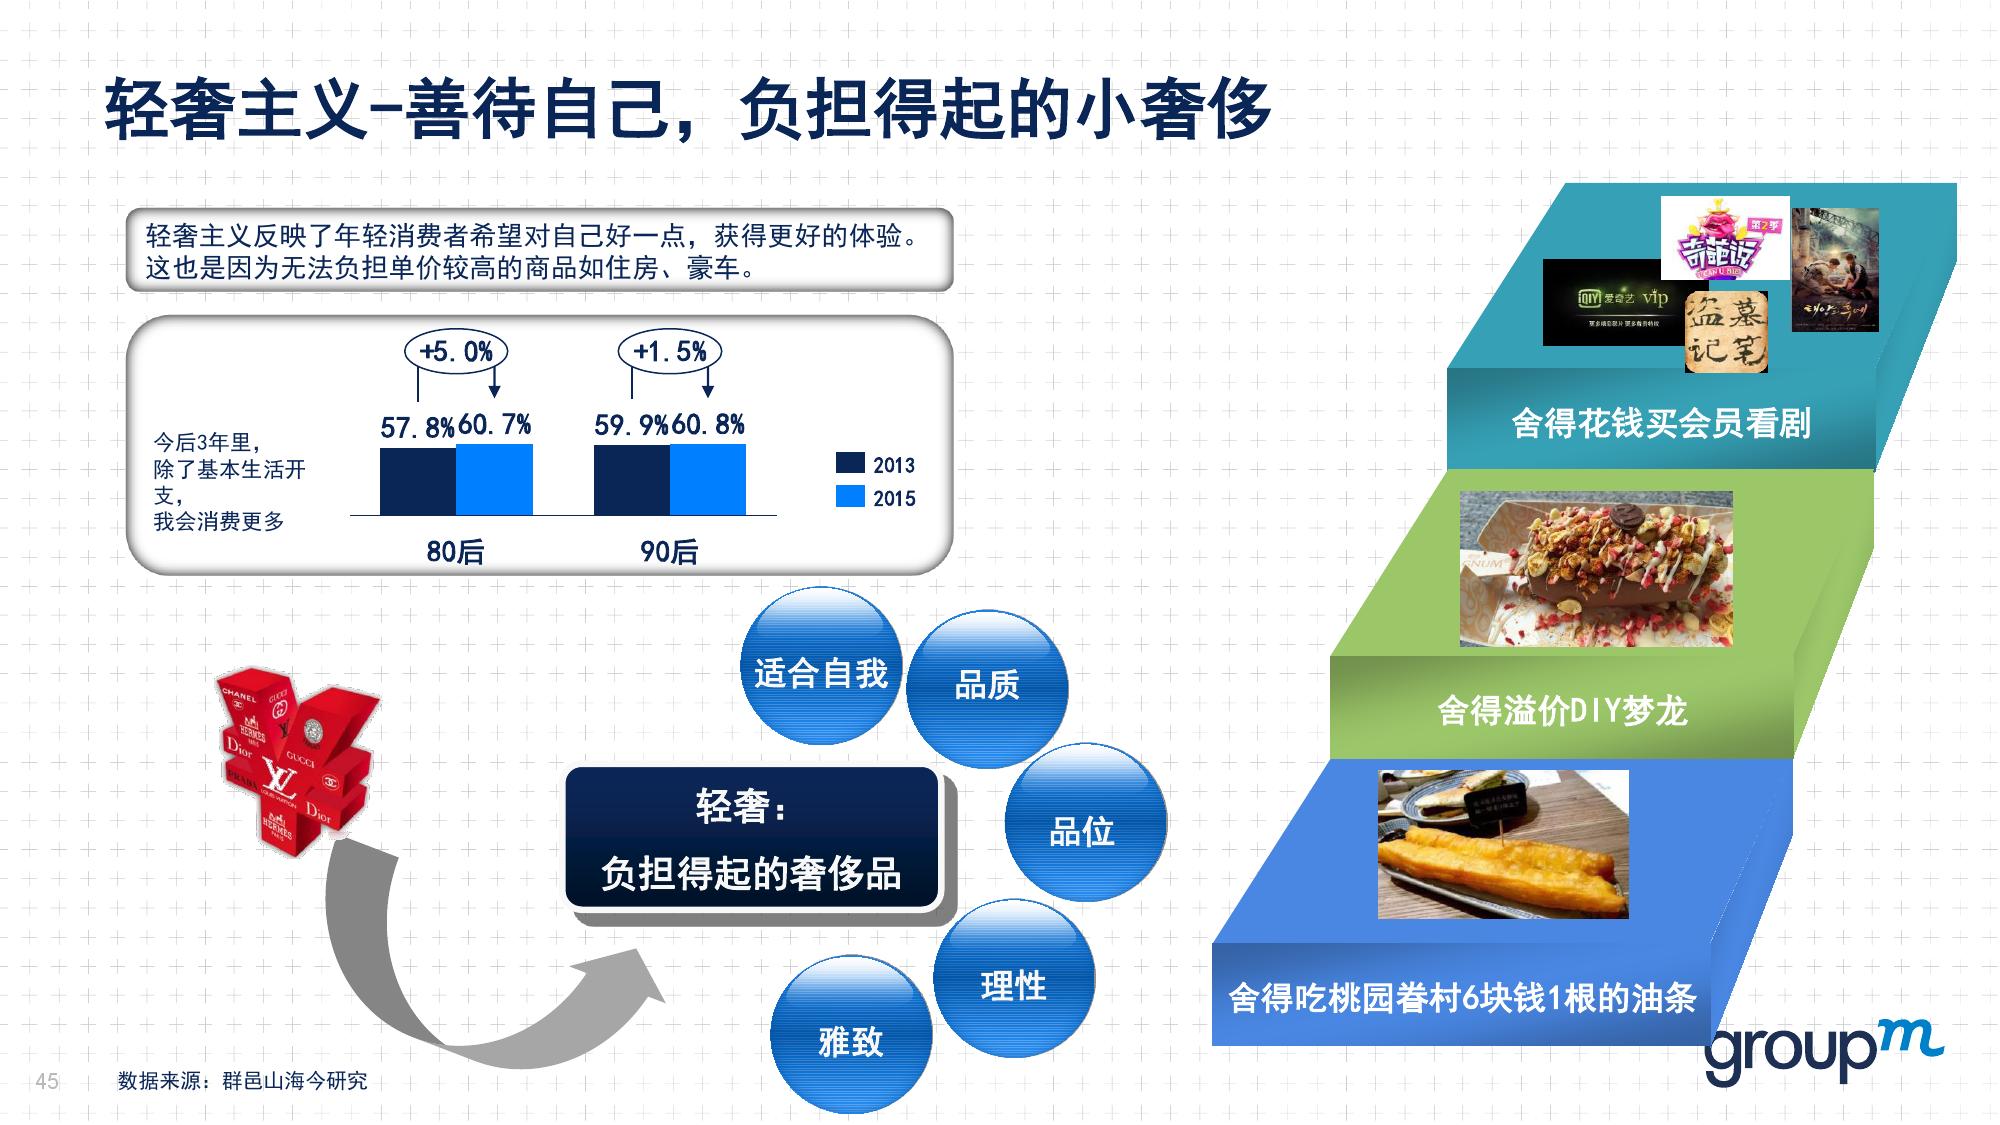 赢在中国2016:从需求刺激转向供给侧改革_000045